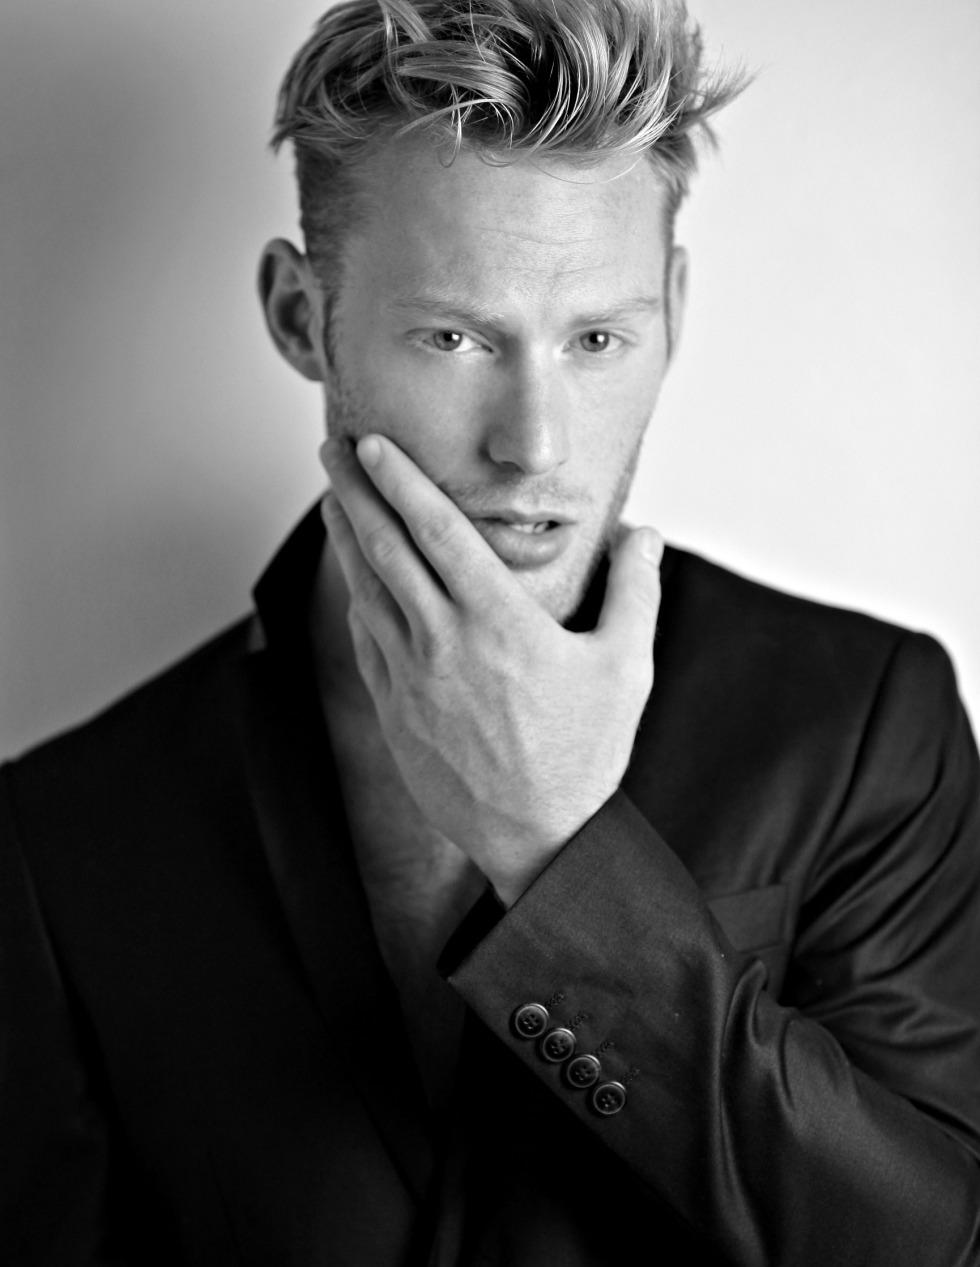 Portraits: Brandon Connelly by Vaughn Stewart